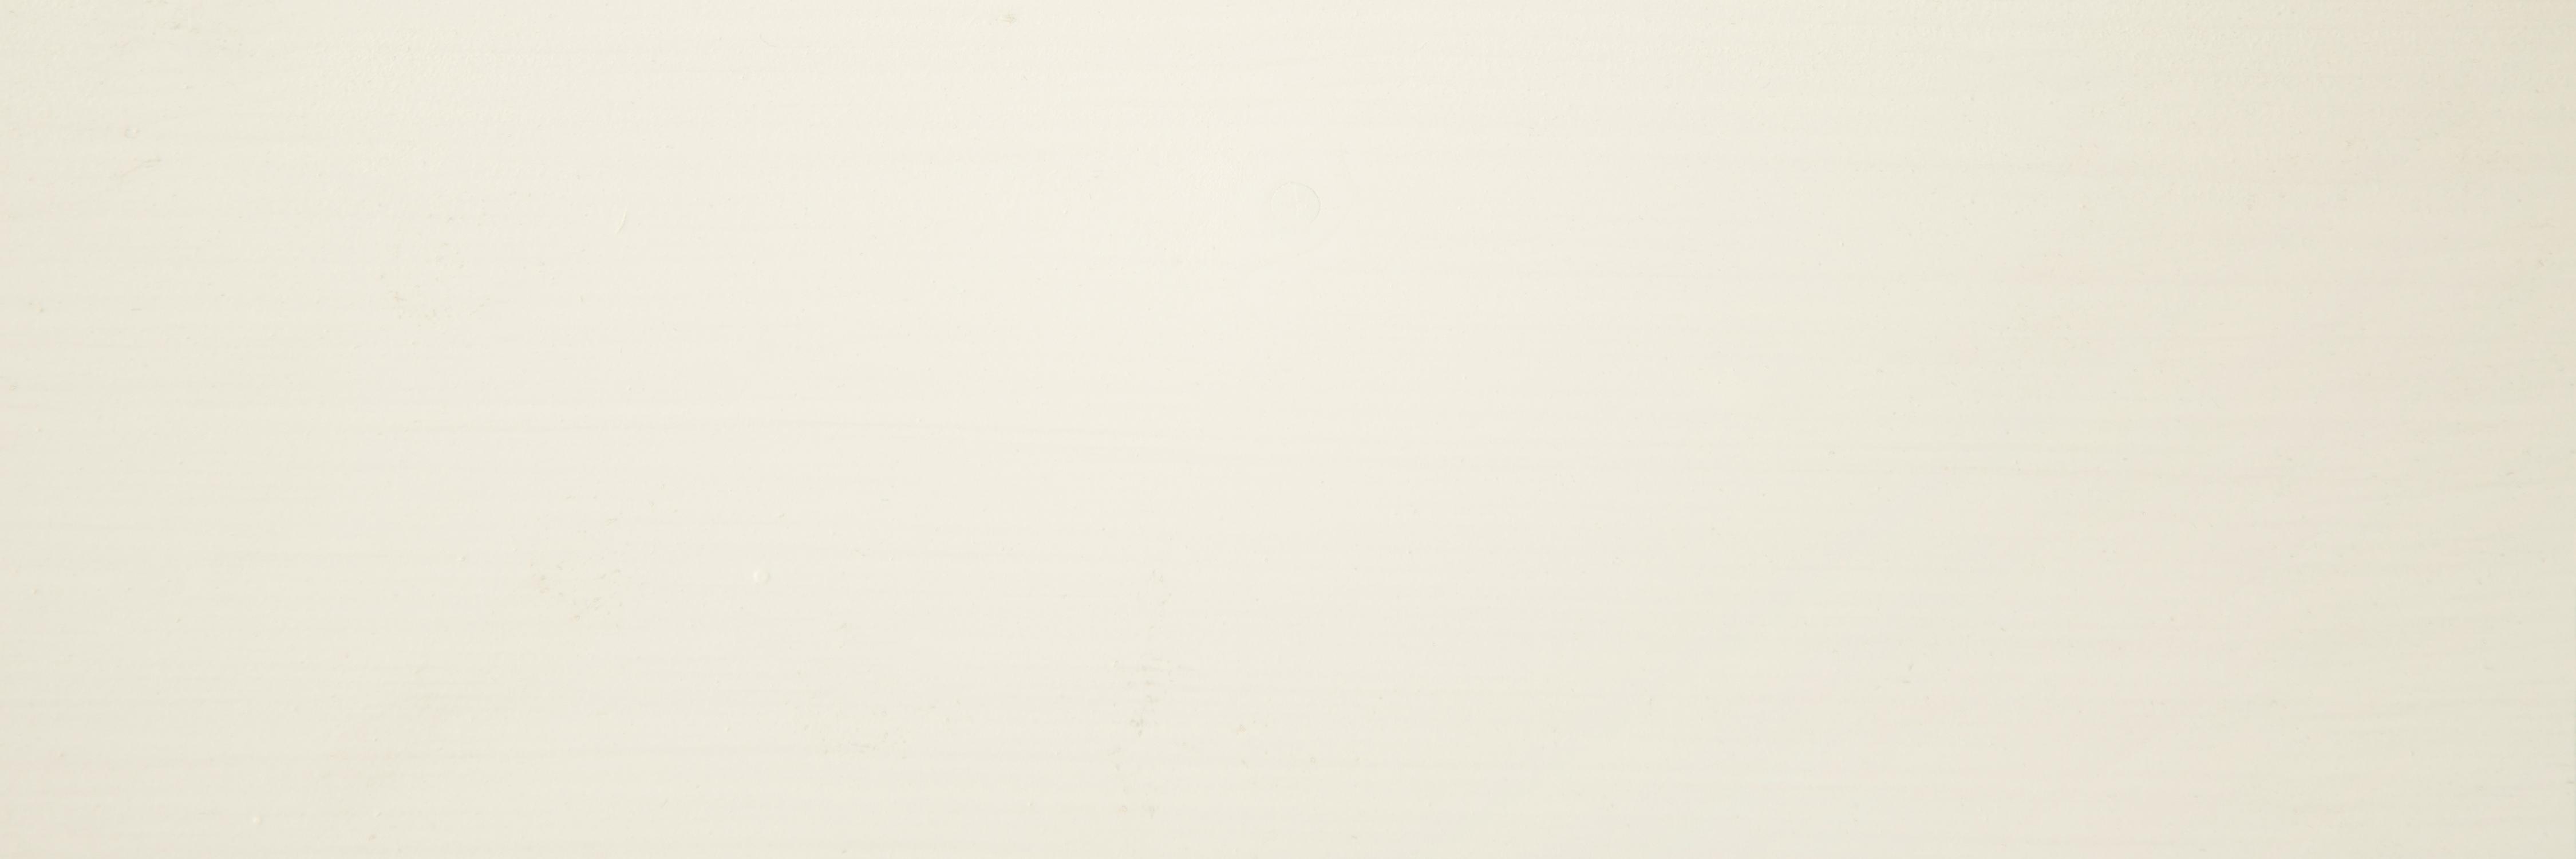 NCL-12 |White